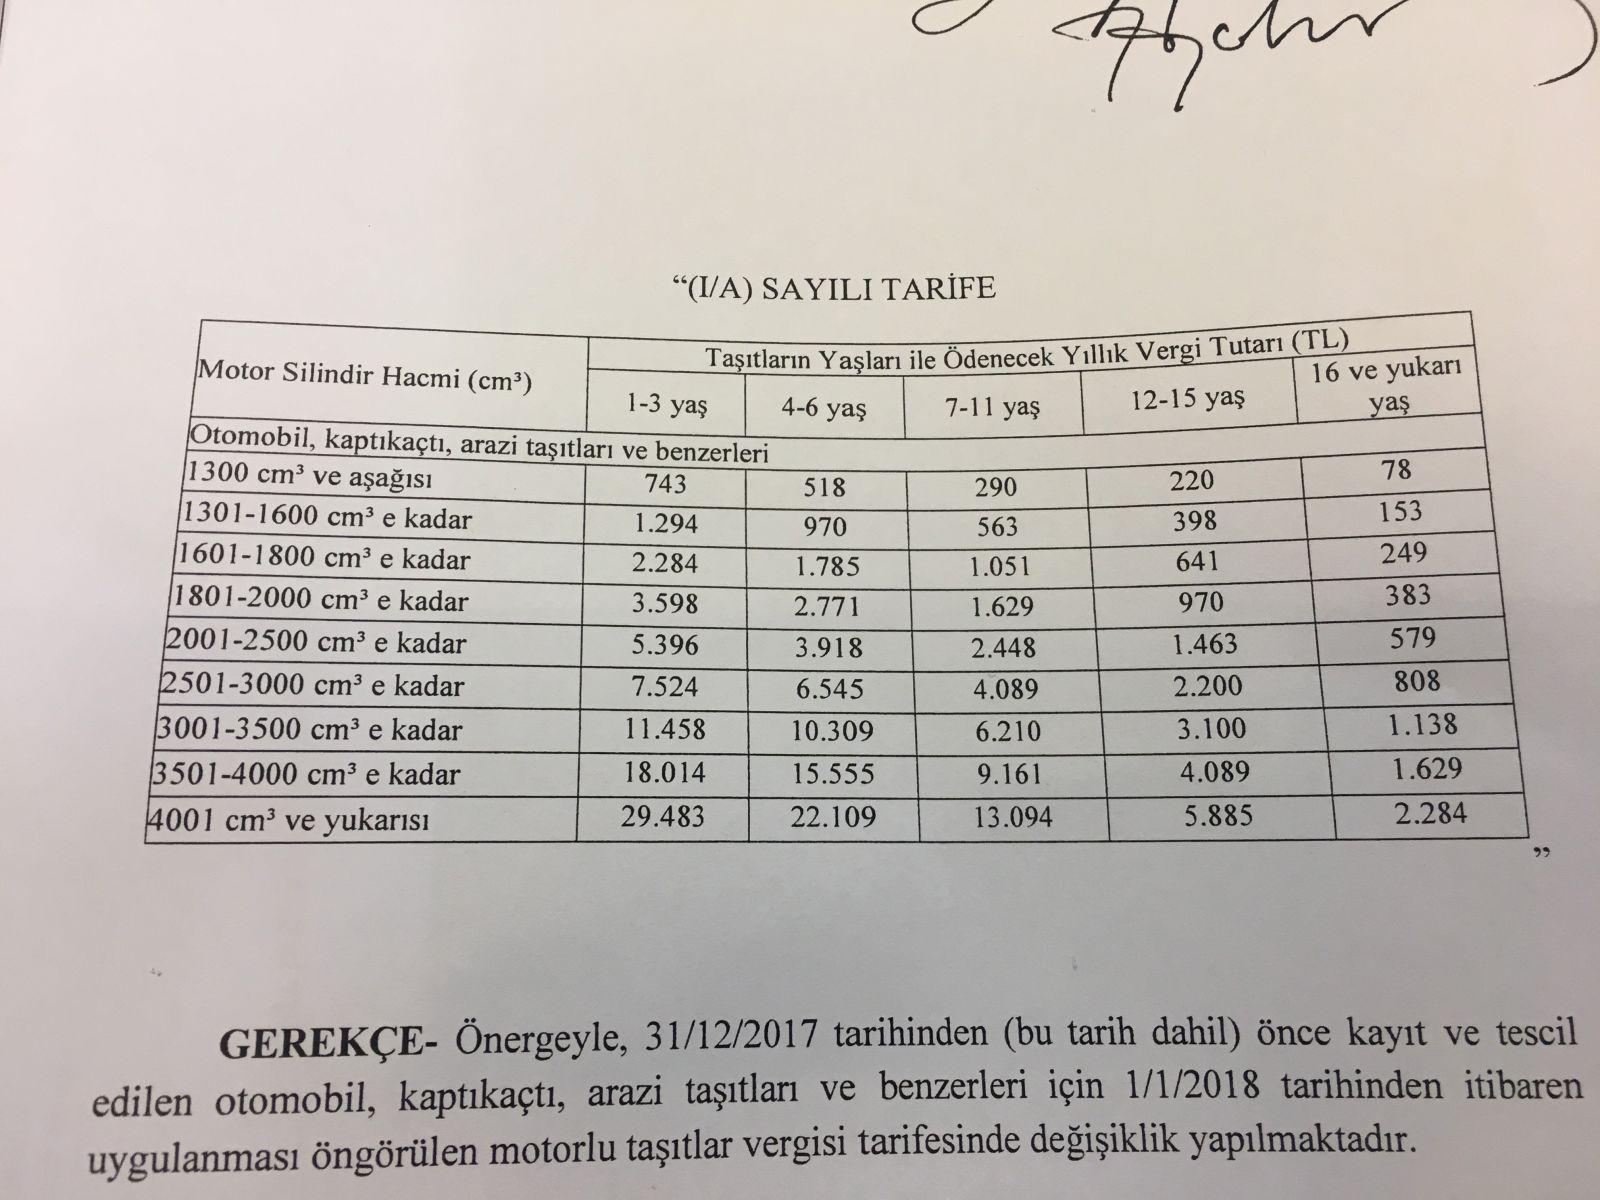 Tarife oranı ve ödeme şekilleri nedir